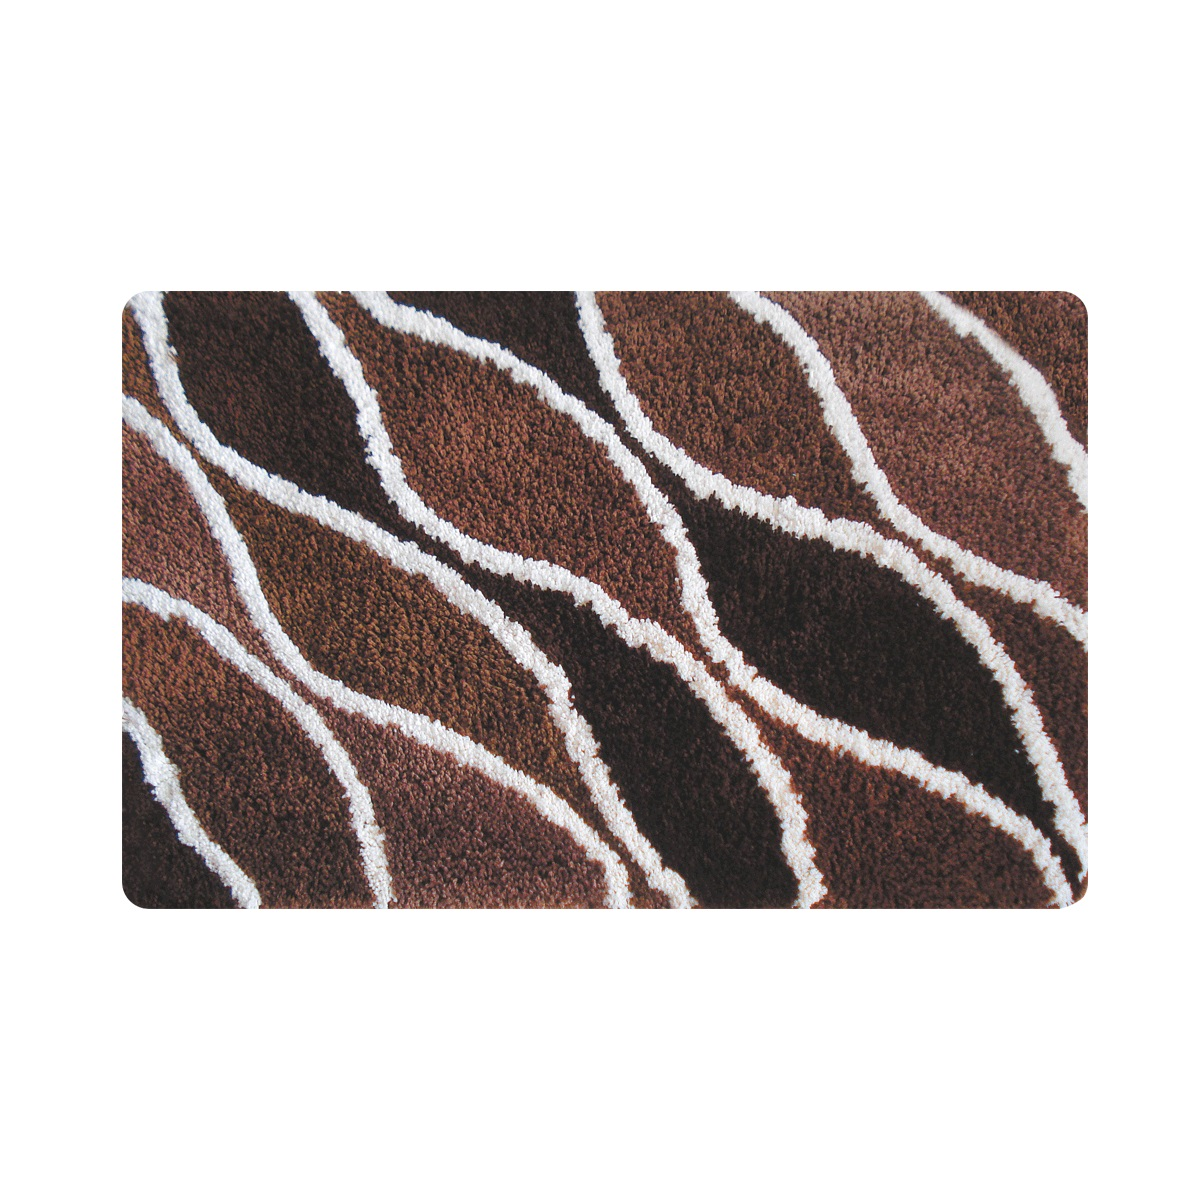 Коврик для ванной Iddis Fatty lines, цвет: коричневый, 50 х 80 см510M580i12Коврик для ванной комнаты Iddis выполнен из 100% полиэстера. Коврик имеет специальную латексную основу, благодаря которой он не скользит на напольных покрытиях в ванной, что обеспечивает безопасность во время использования. Коврик изготавливается по специальным технологиям машинного ручного тафтинга, что гарантирует высокое качество и долговечность.Высота ворса: 2,5 см.